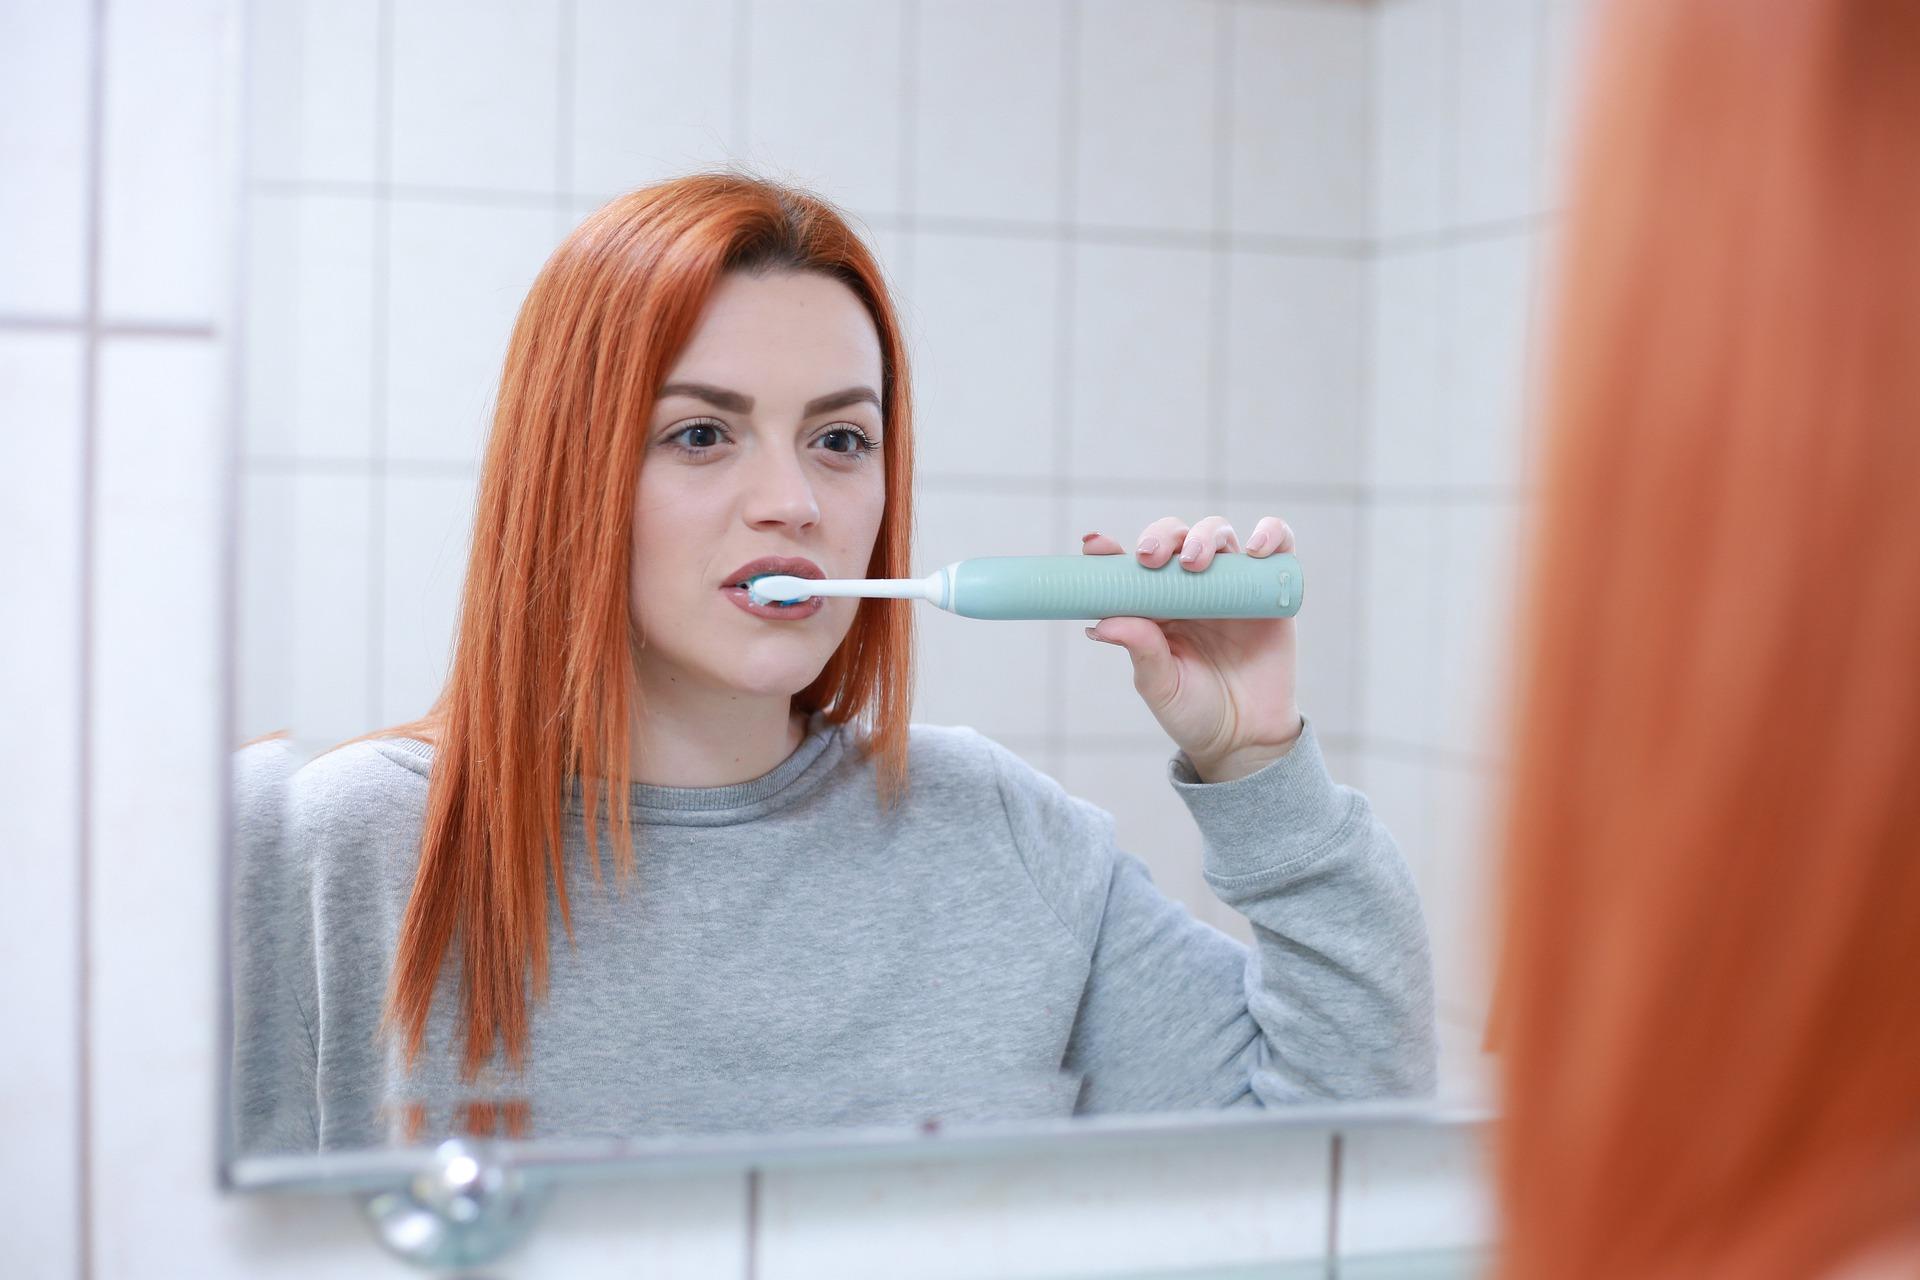 д-р Јасмина Лазарова: Храна што ги избелува забите